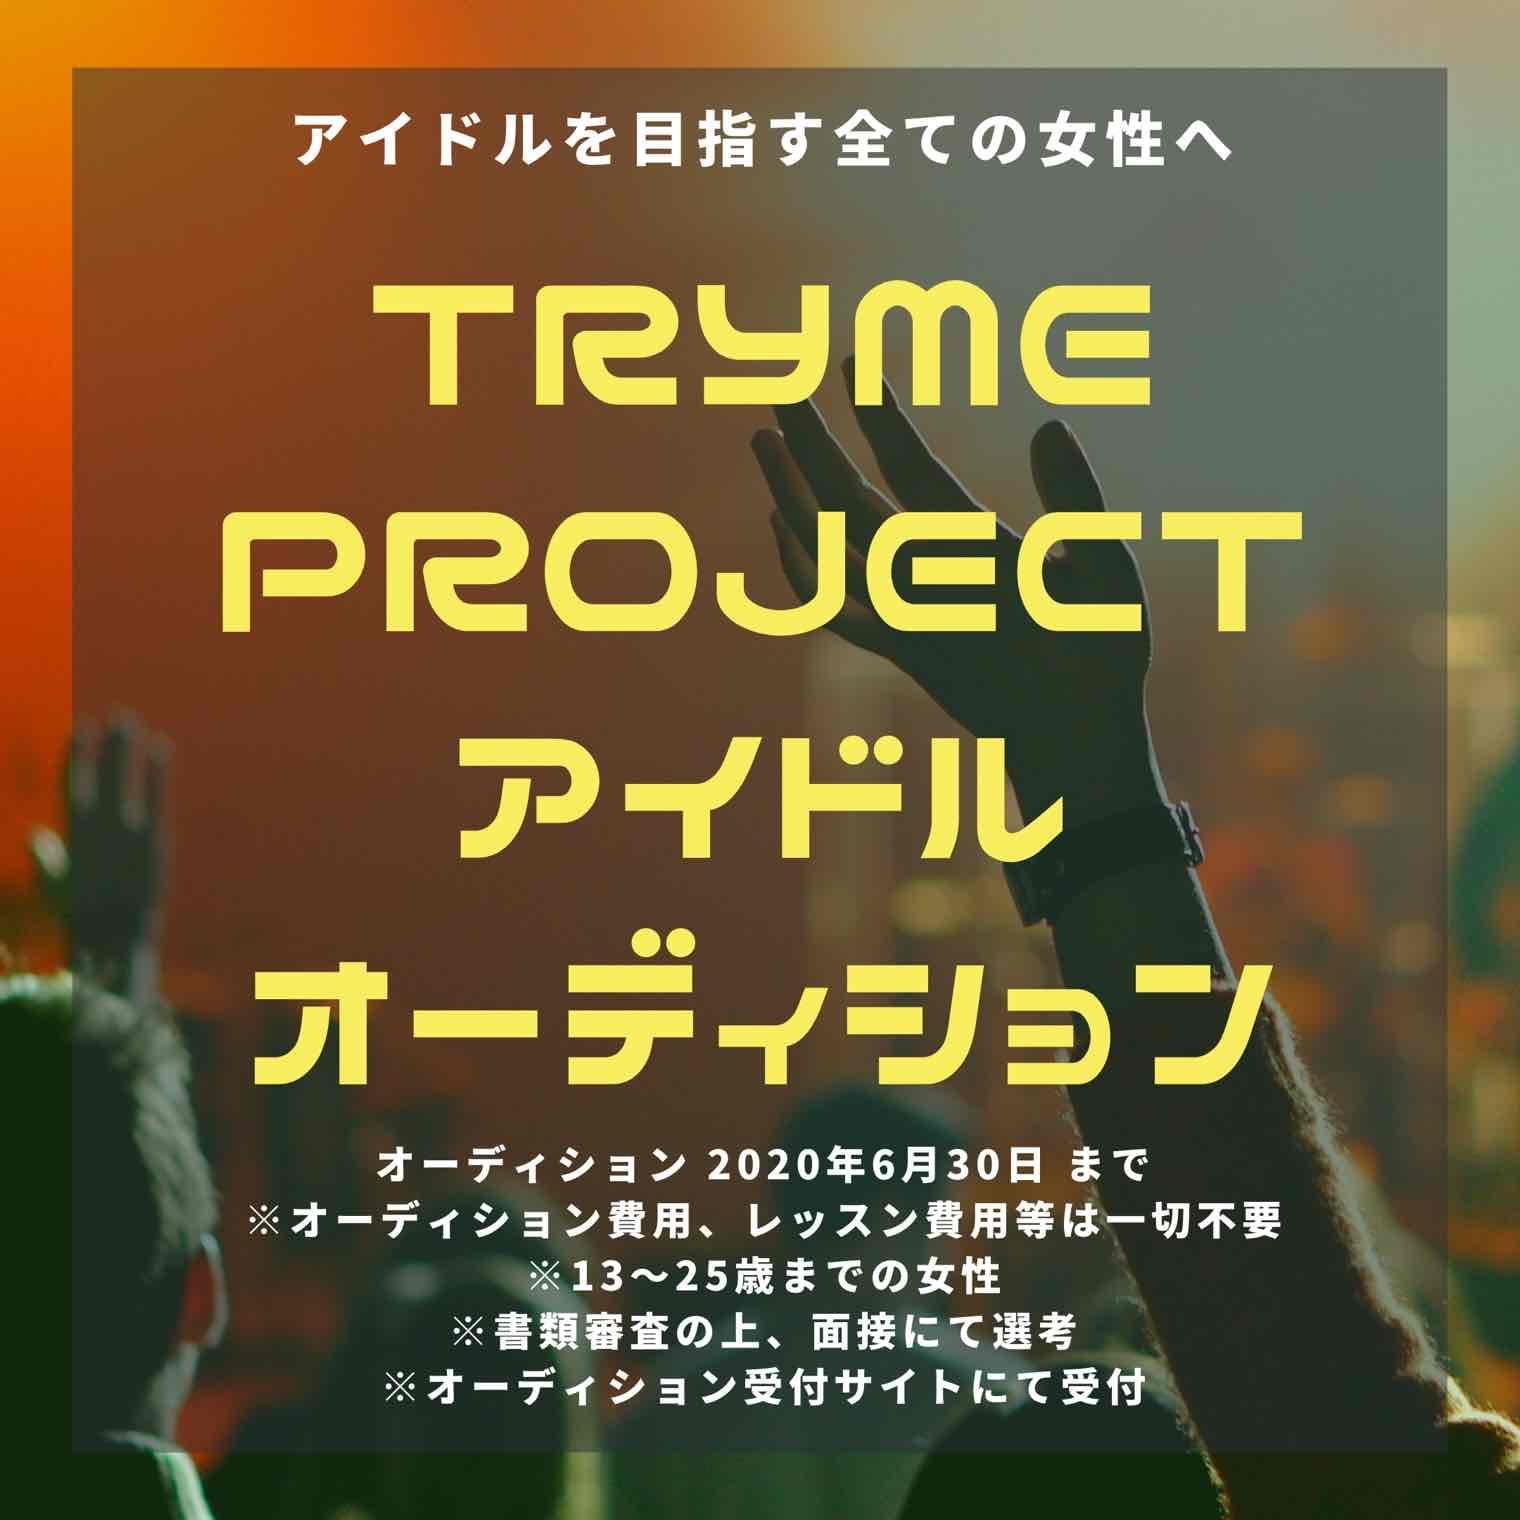 オーディション 「Try me」新メンバーオーディション 初心者でも大丈夫! あなたの挑戦を全力でマネージメント致します 主催:TRYME PROJECT、カテゴリ:アイドル(元気系)